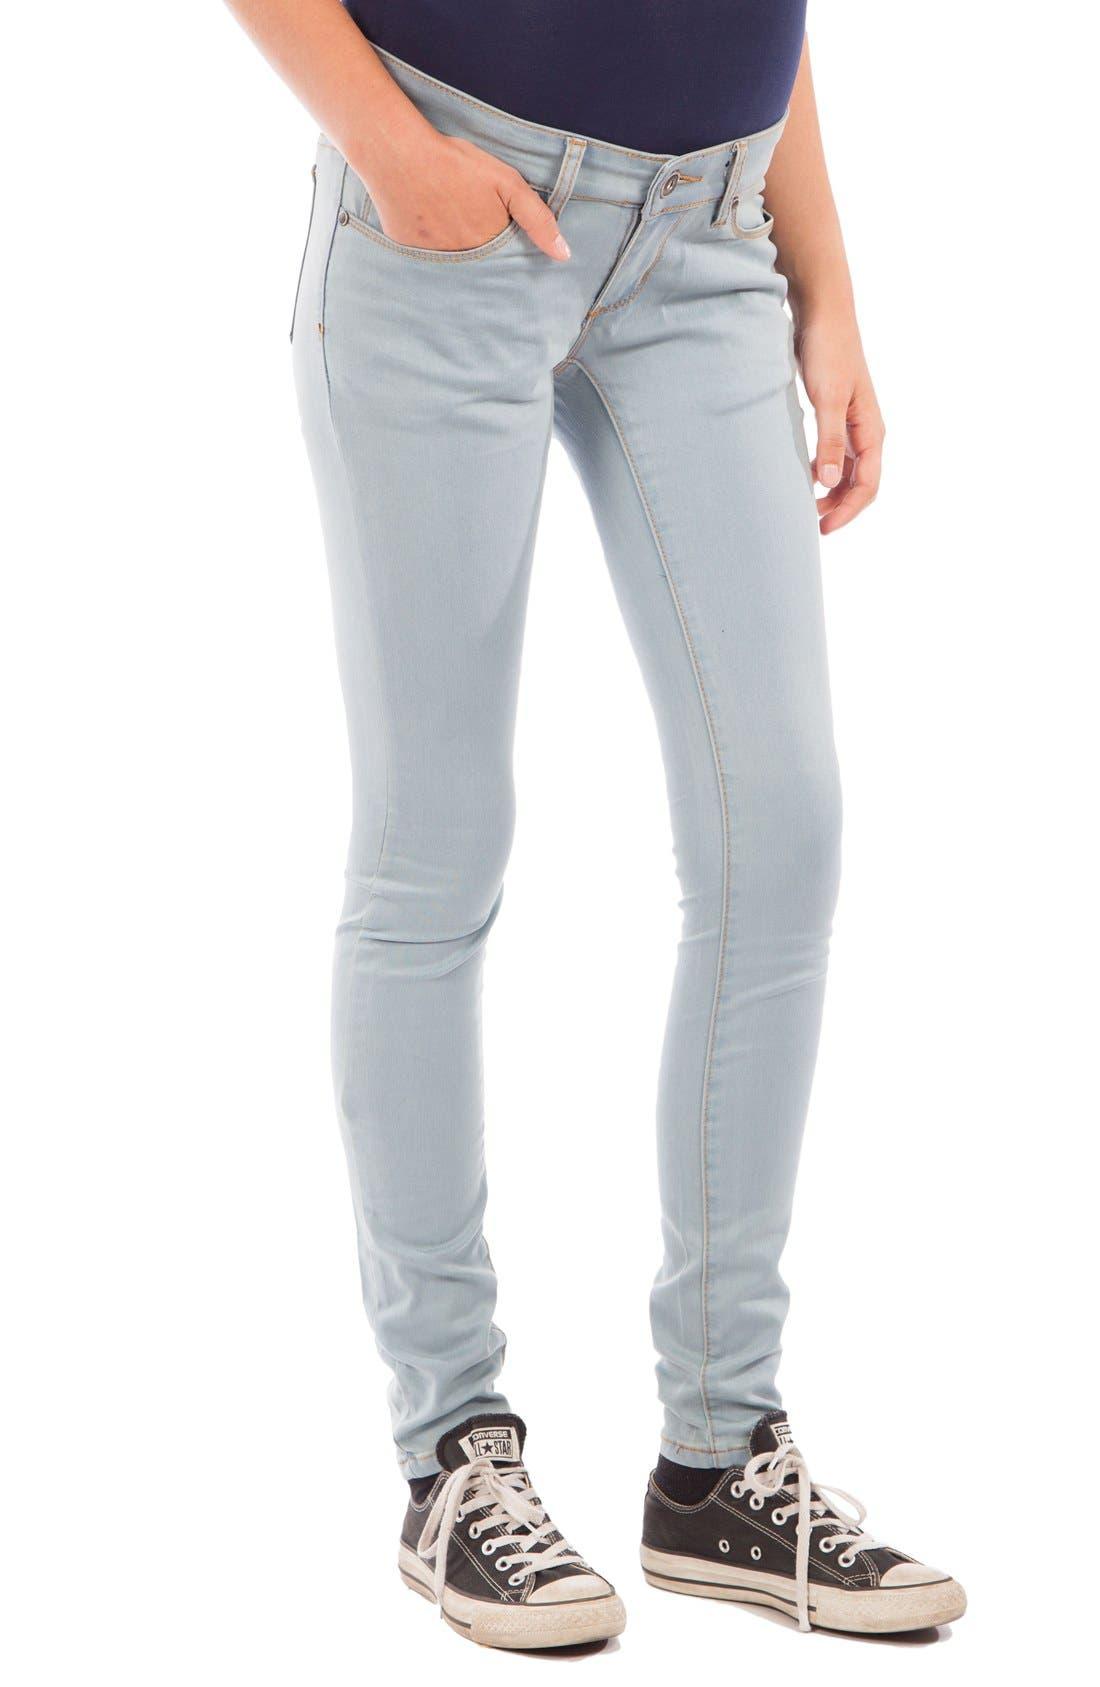 Women's Modern Eternity Skinny Maternity Jeans